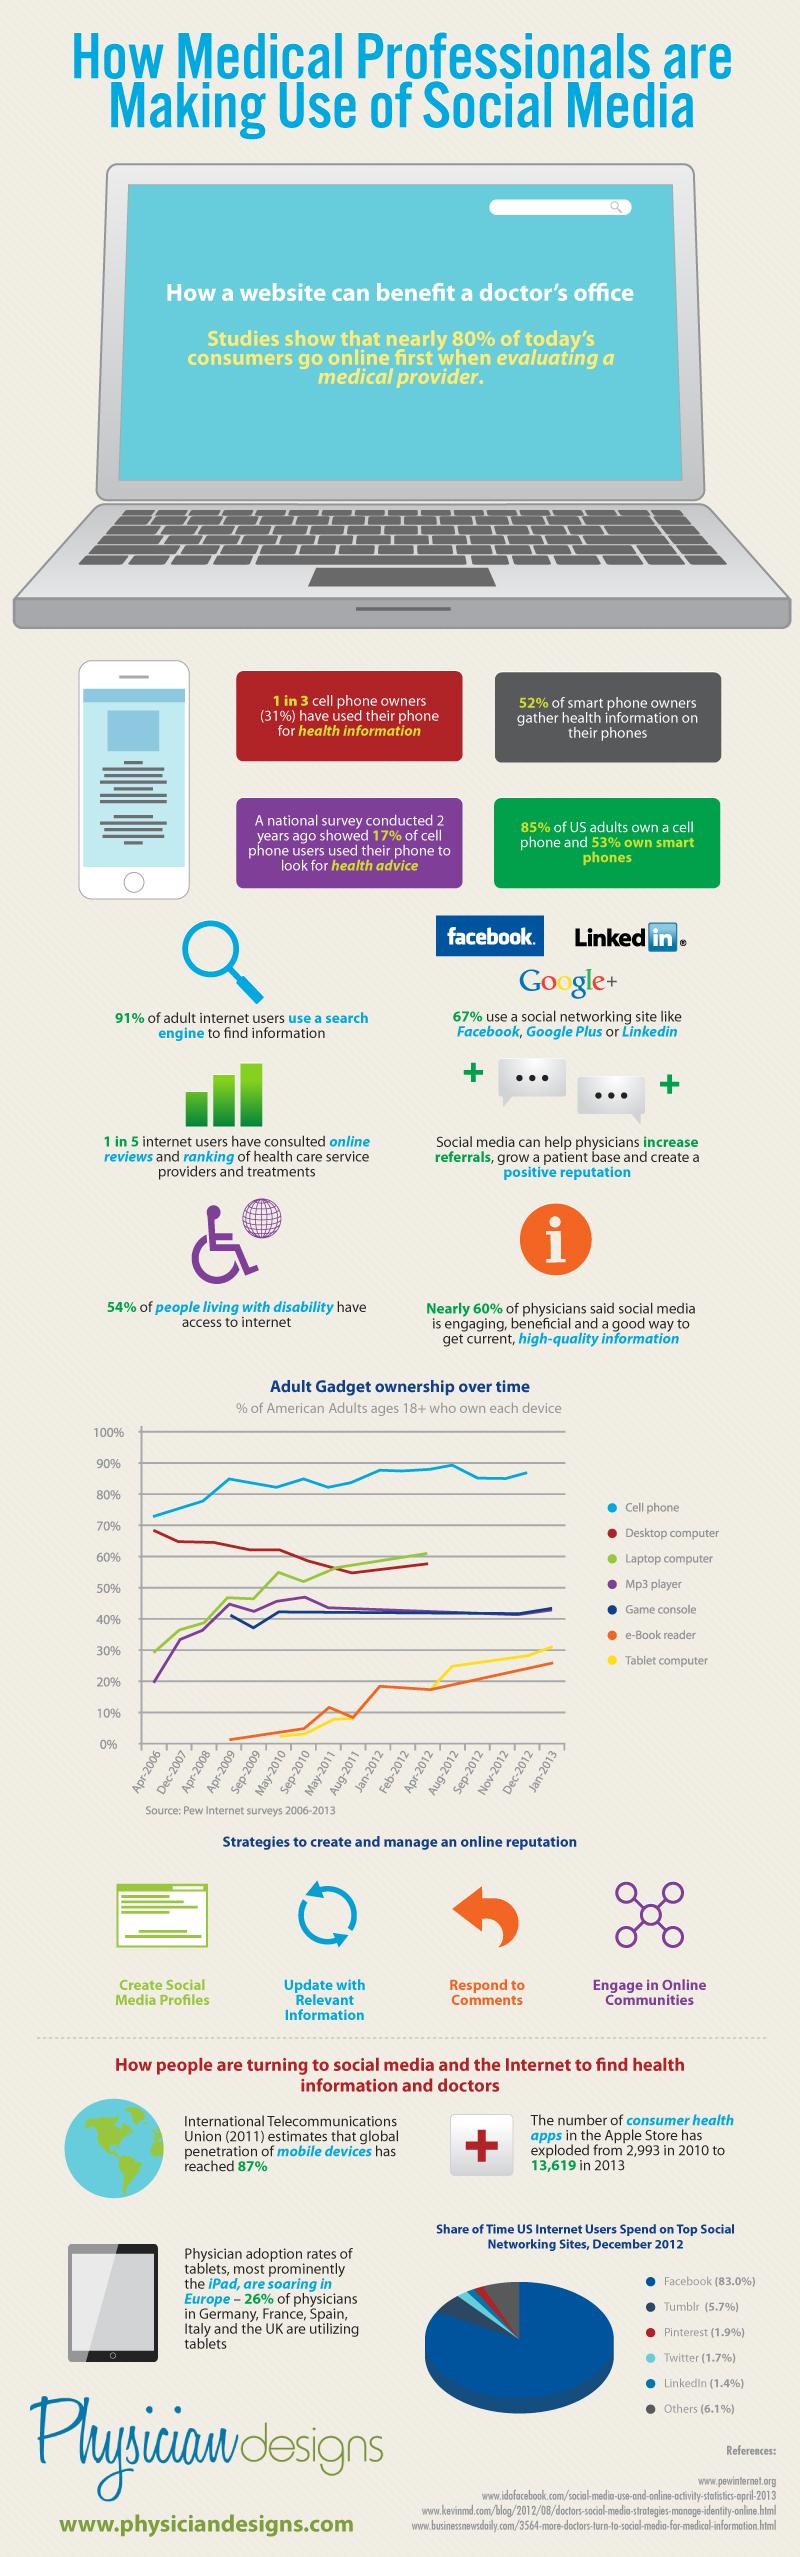 Sağlık Sektöründe İnternet ve Sosyal Medyanın Önemi [İnfografik]